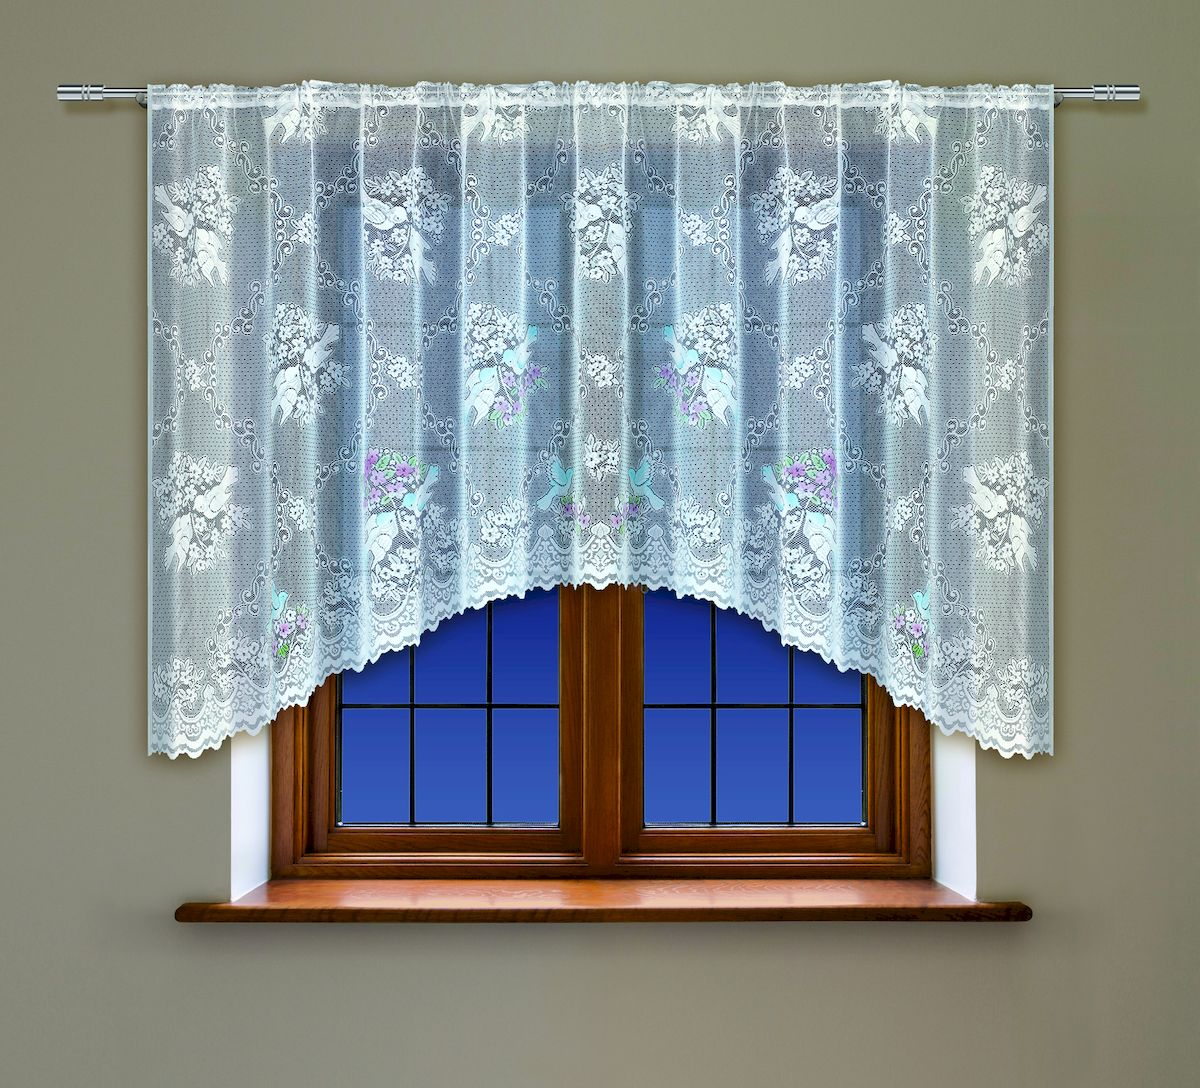 Гардина Haft, на кулиске, цвет: белый, высота 160 см. 22216153797_ЛЮВЕРСЫВоздушная гардина Haft, выполненная из полиэстера, великолепно украсит любое окно.Изделие имеет оригинальный дизайн и органично впишется в интерьер помещения.Гардина крепится на карниз при помощи кулиски.